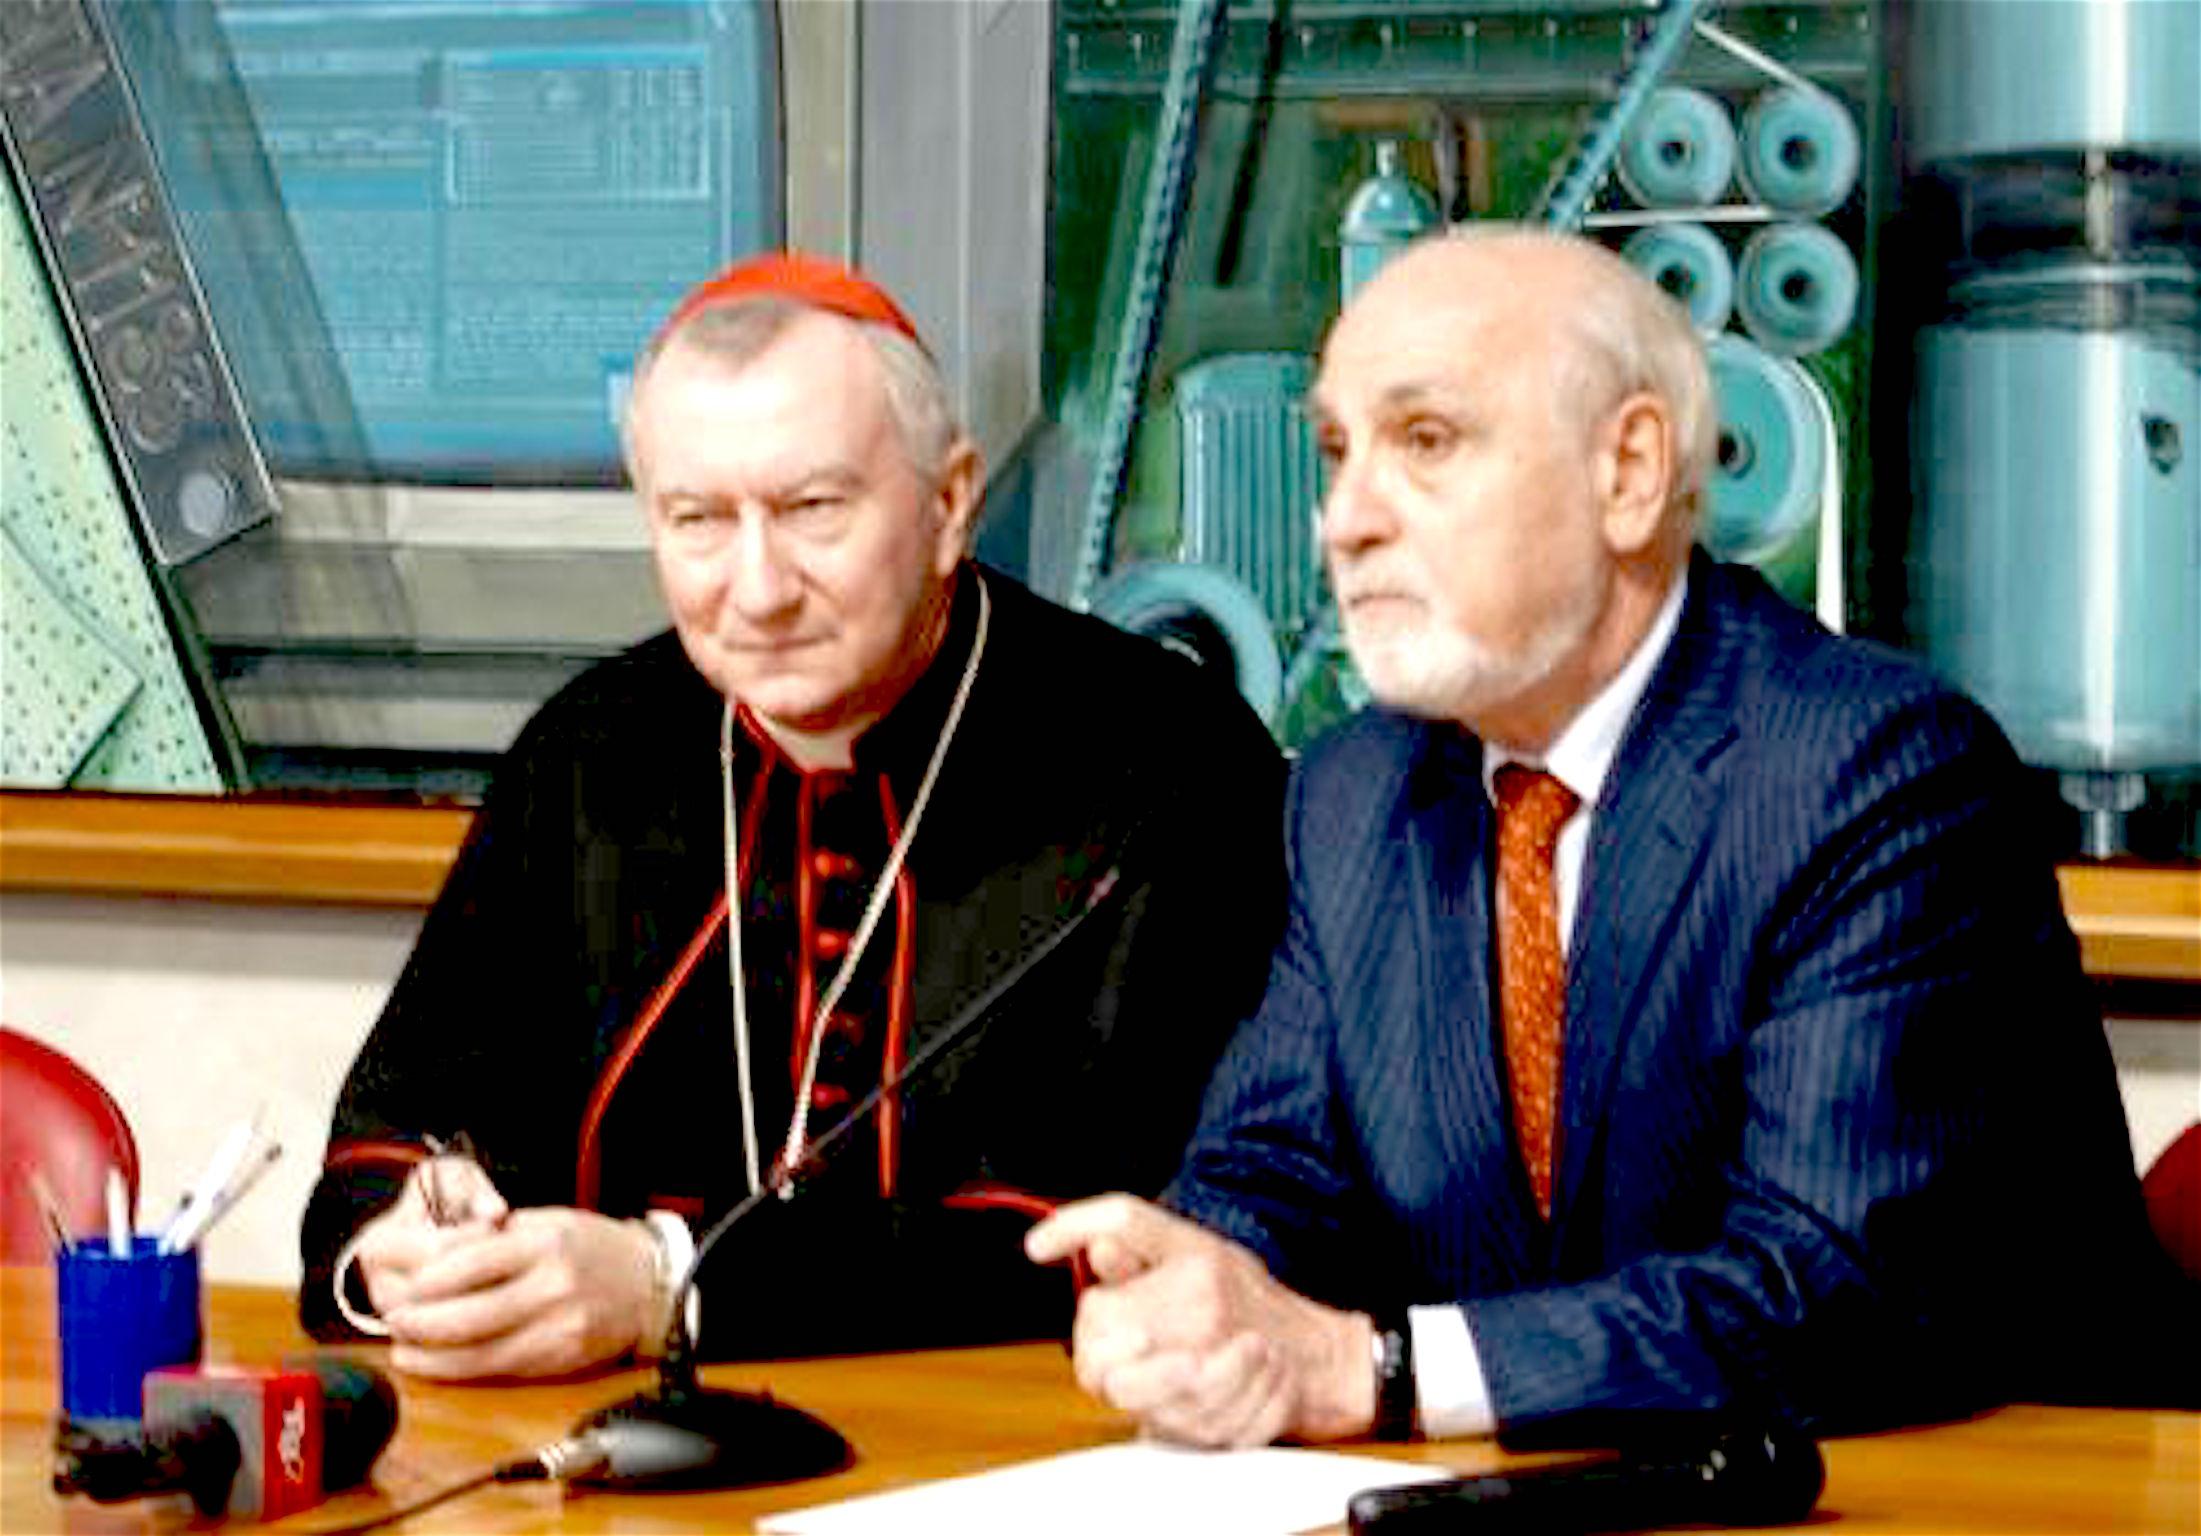 El cardenal Parolín en la inauguración de la nueva sede de los periodistas italianos. (Fto. Odg)